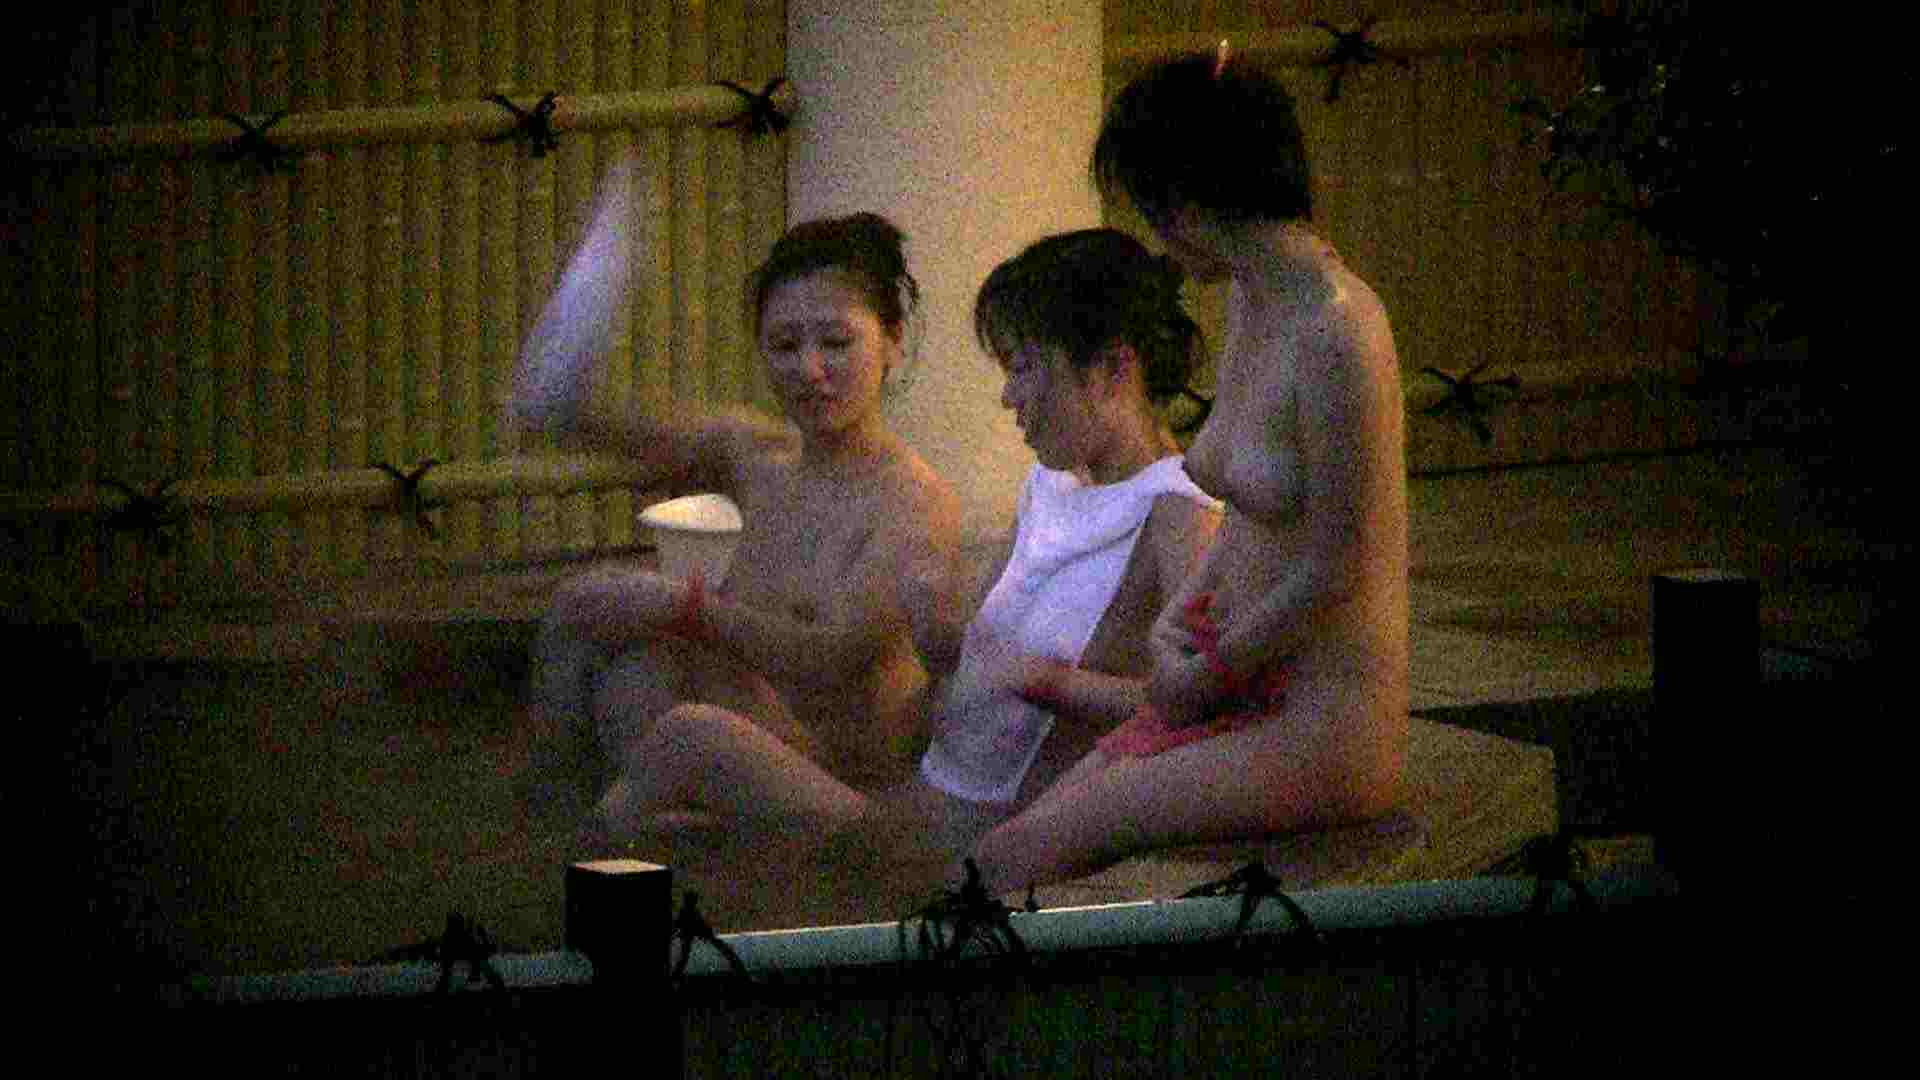 Aquaな露天風呂Vol.120 露天 エロ画像 95画像 92